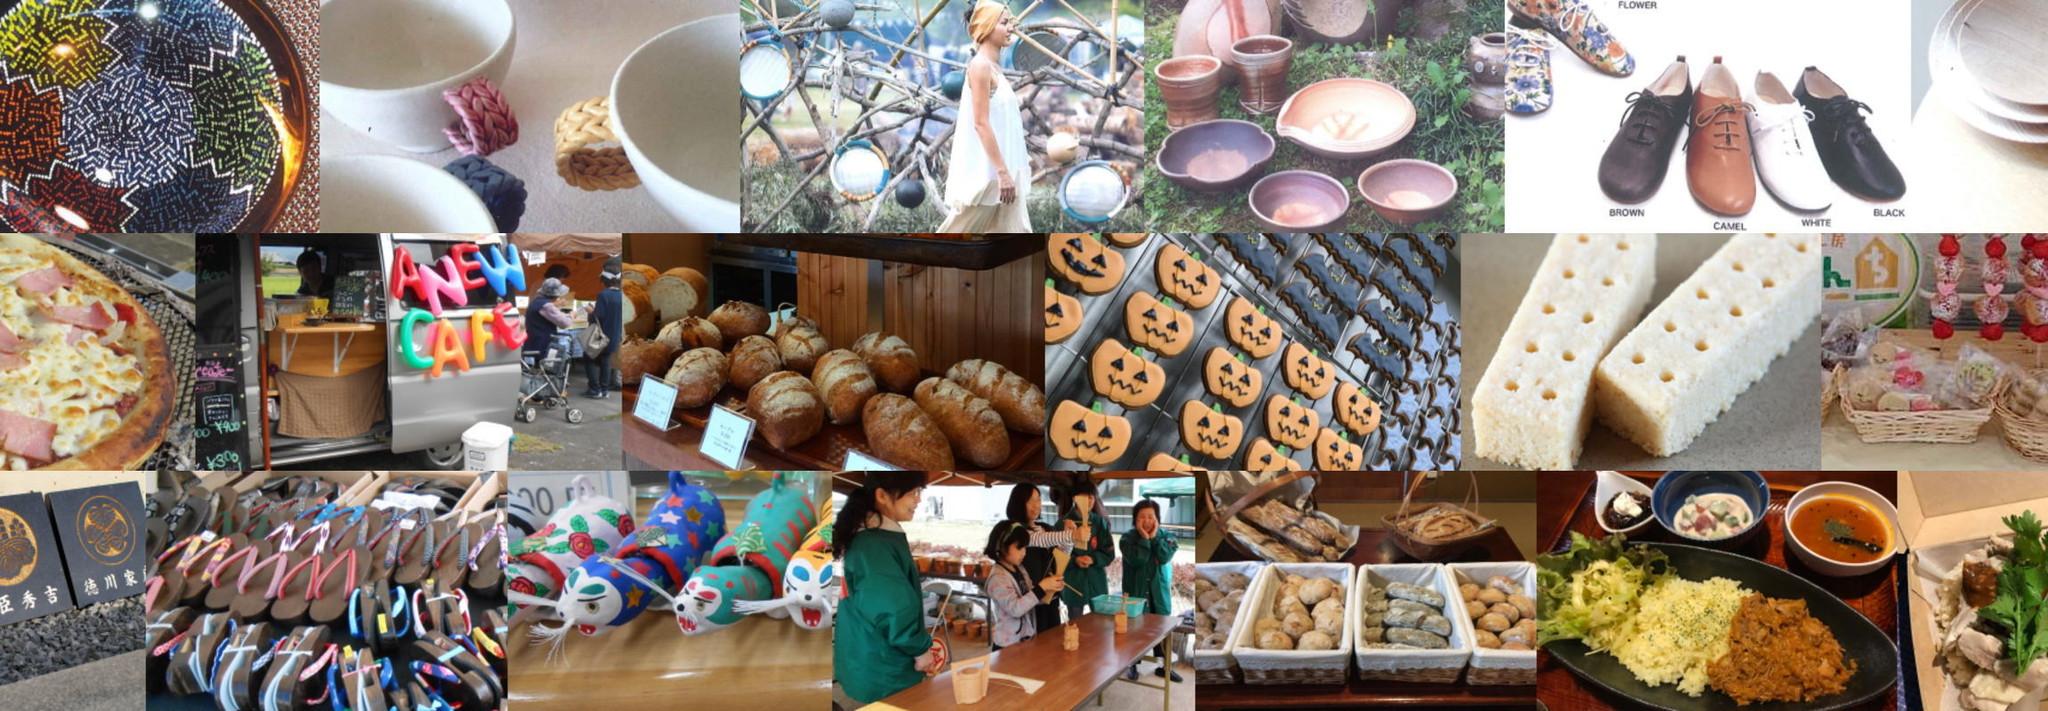 10月21日(日)に三豊市で開催される「つくるフェスティバル in みとよ」に出店します